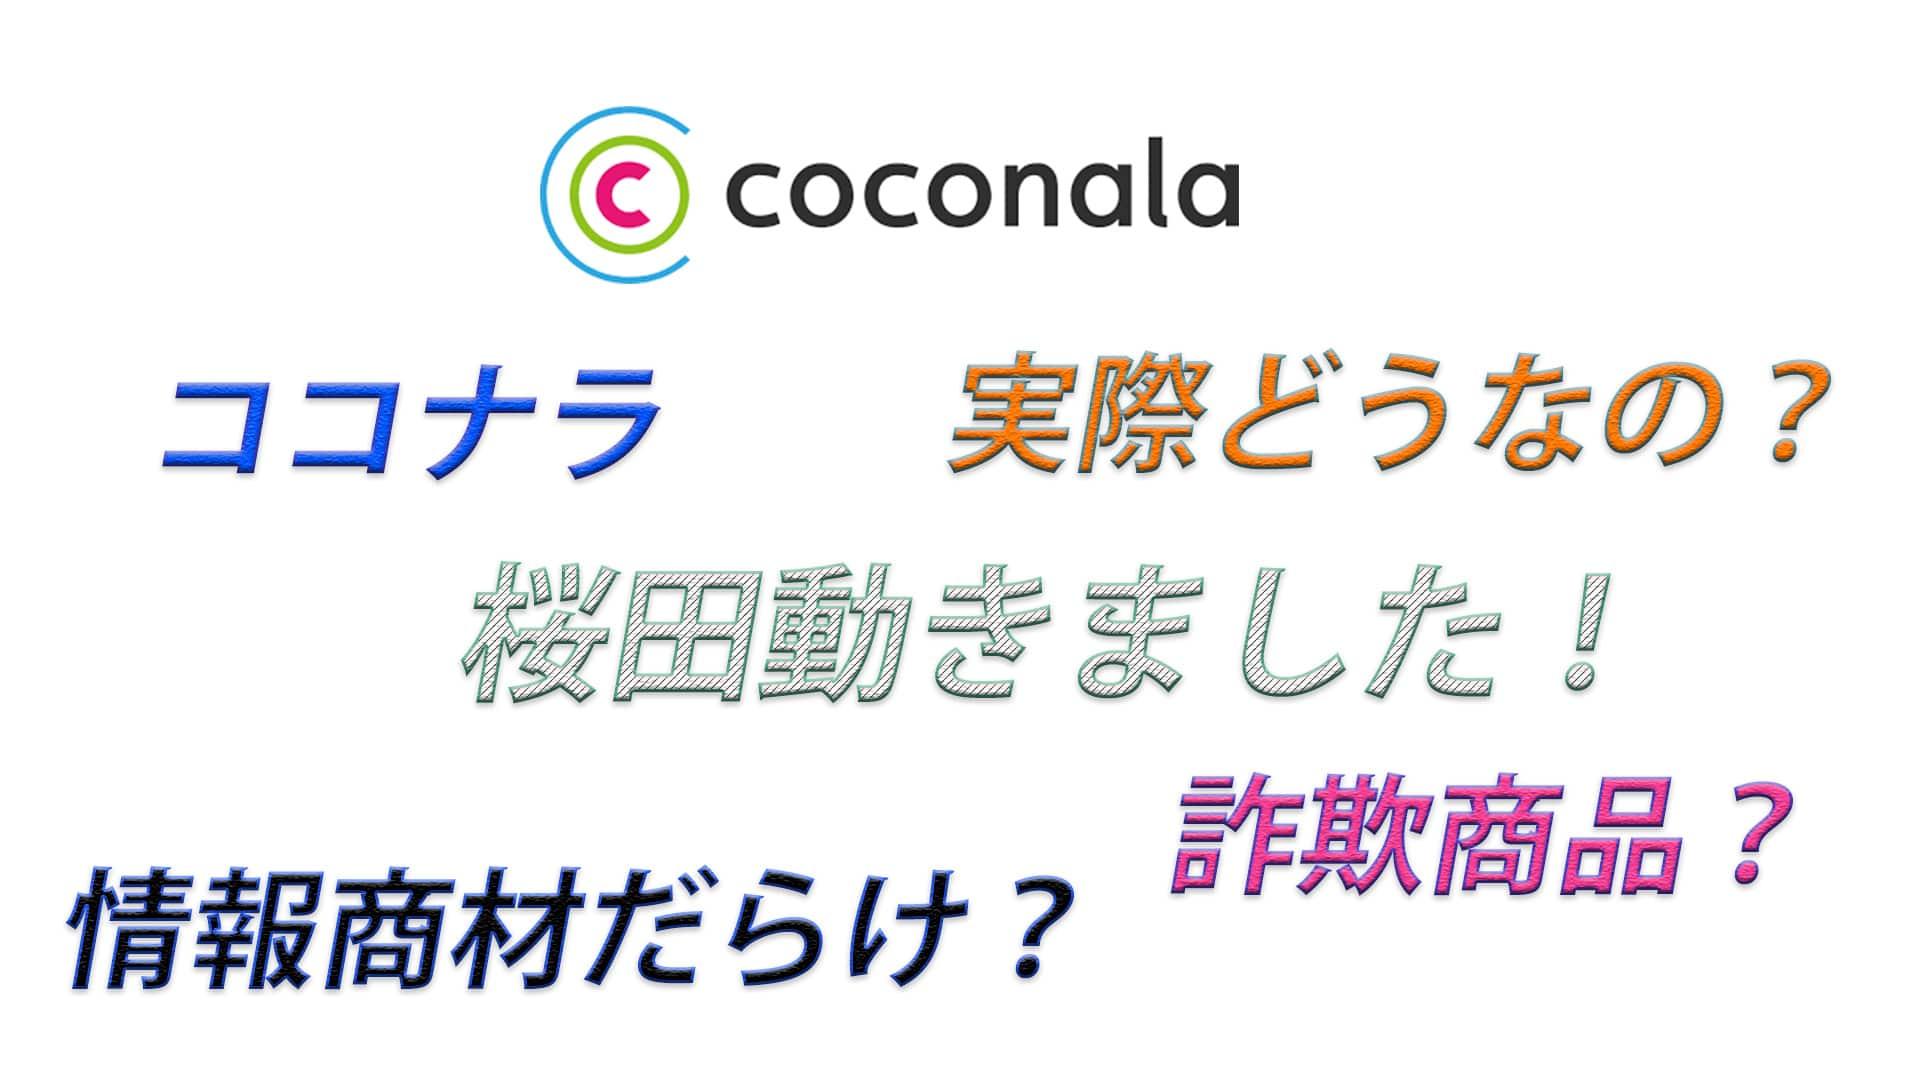 【評価】ココナラはホントに得意な事で稼げるか?